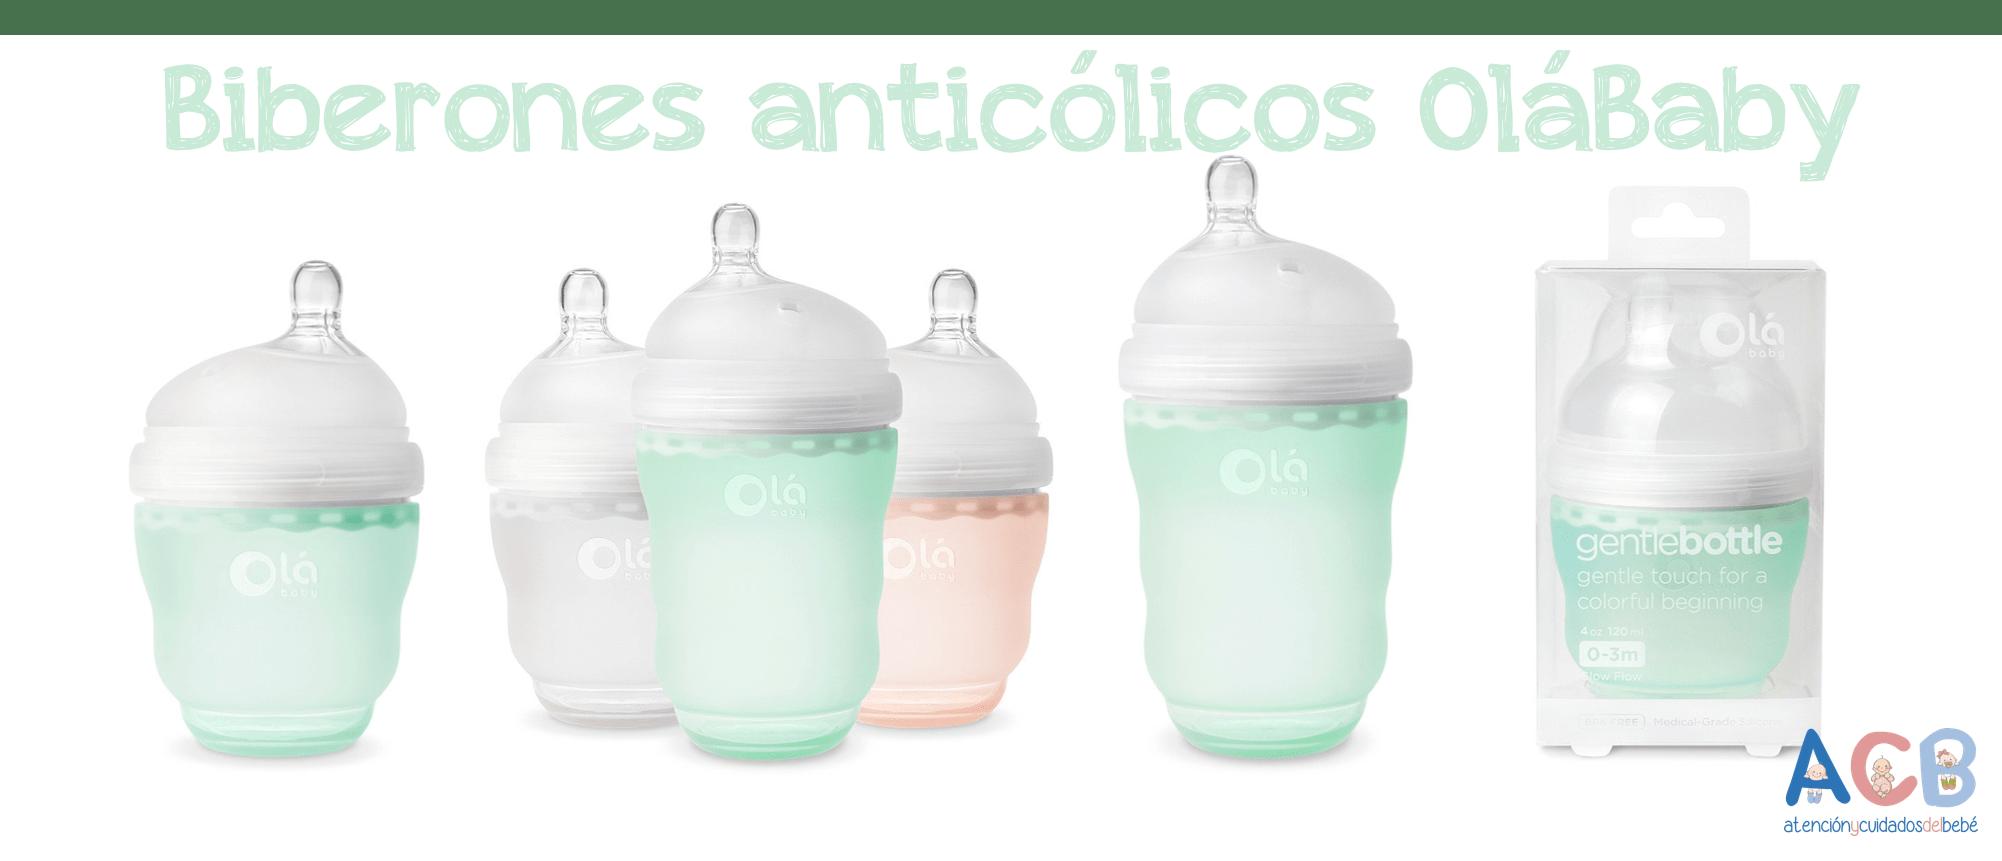 biberones anticolicos olababy